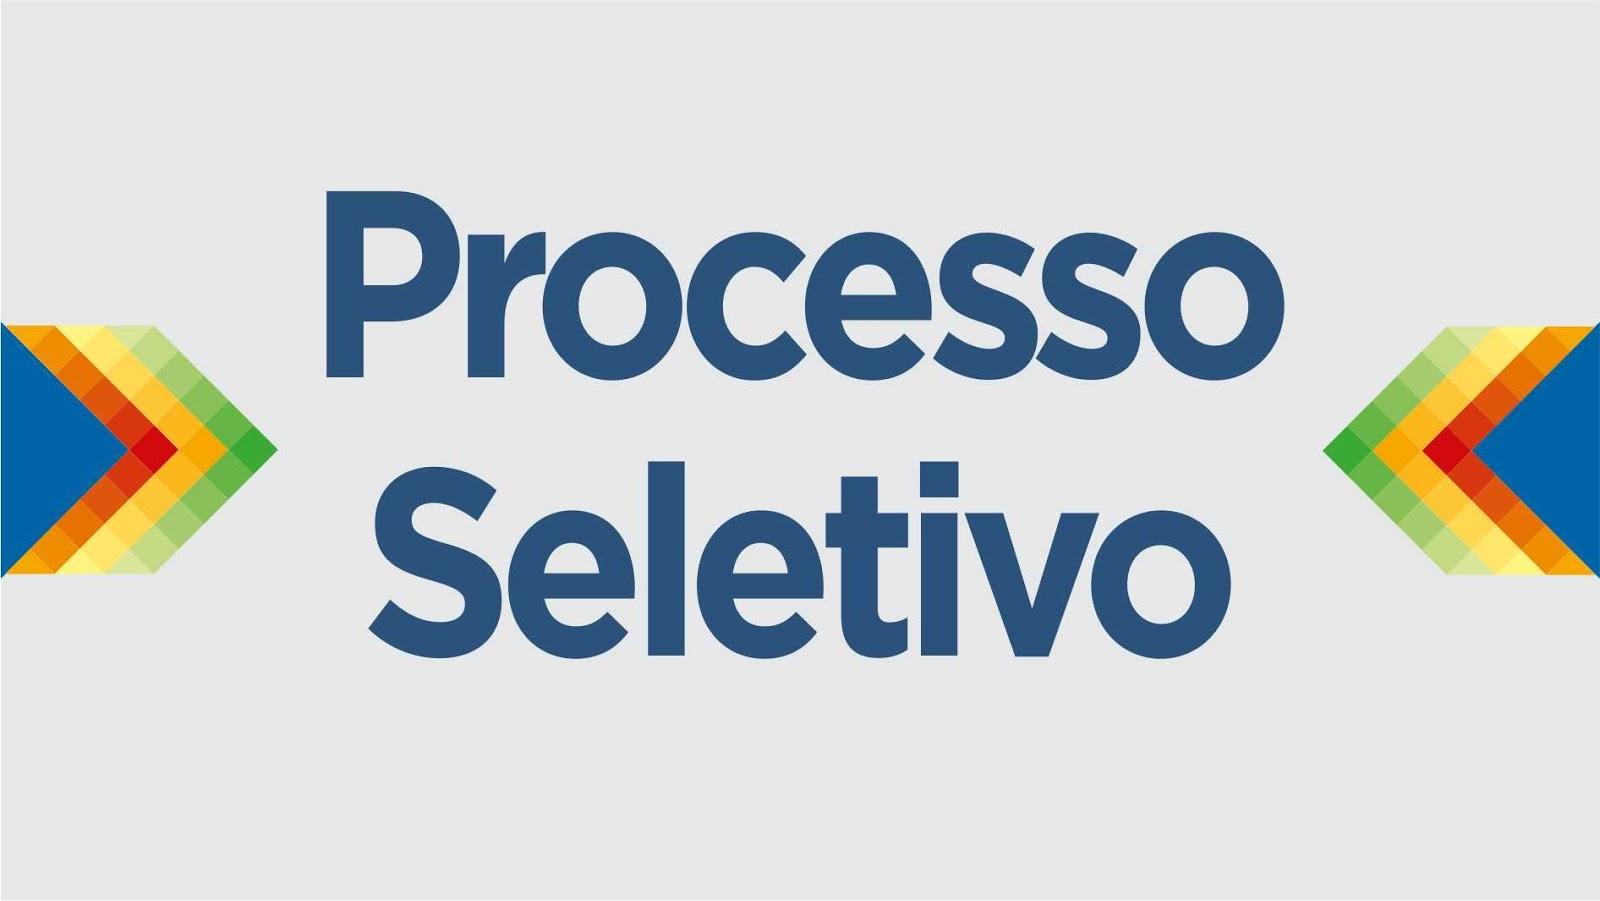 Prefeitura divulga edital de Processo Seletivo com 150 vagas para ... 27220febfd23e